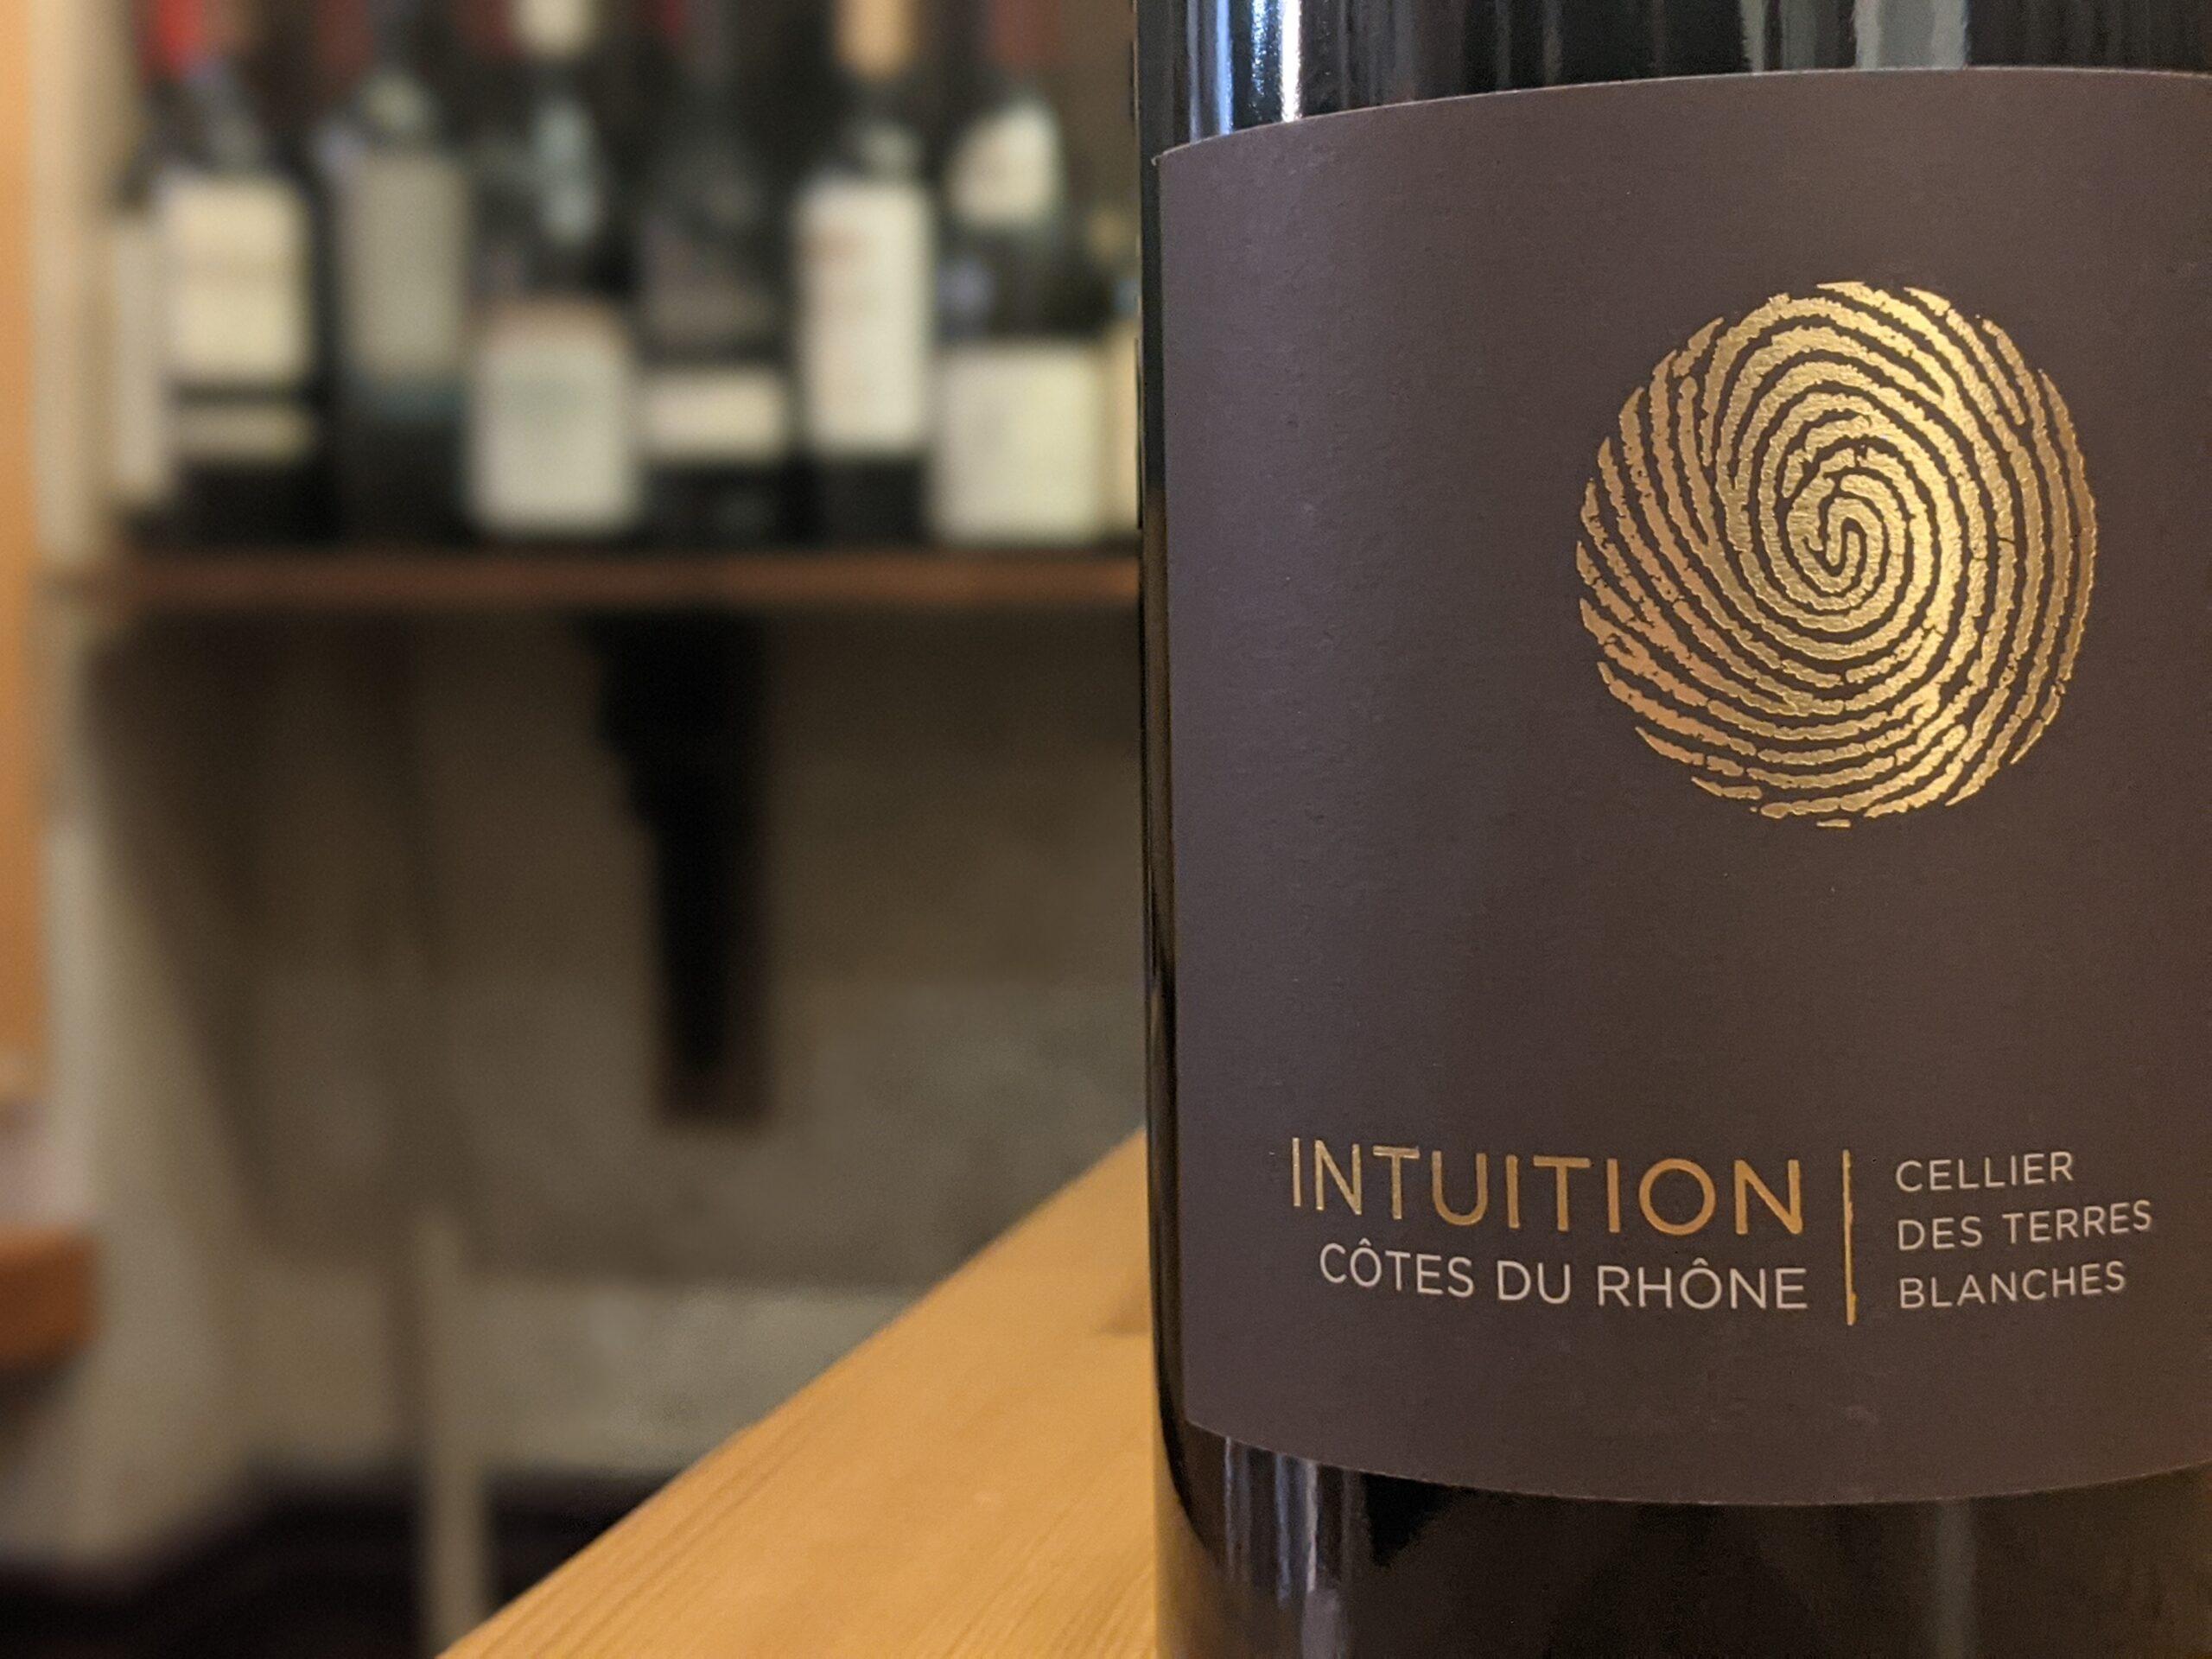 Cellier des Terres Blanches 2019 Intuition Cotes du Rhone Rouge